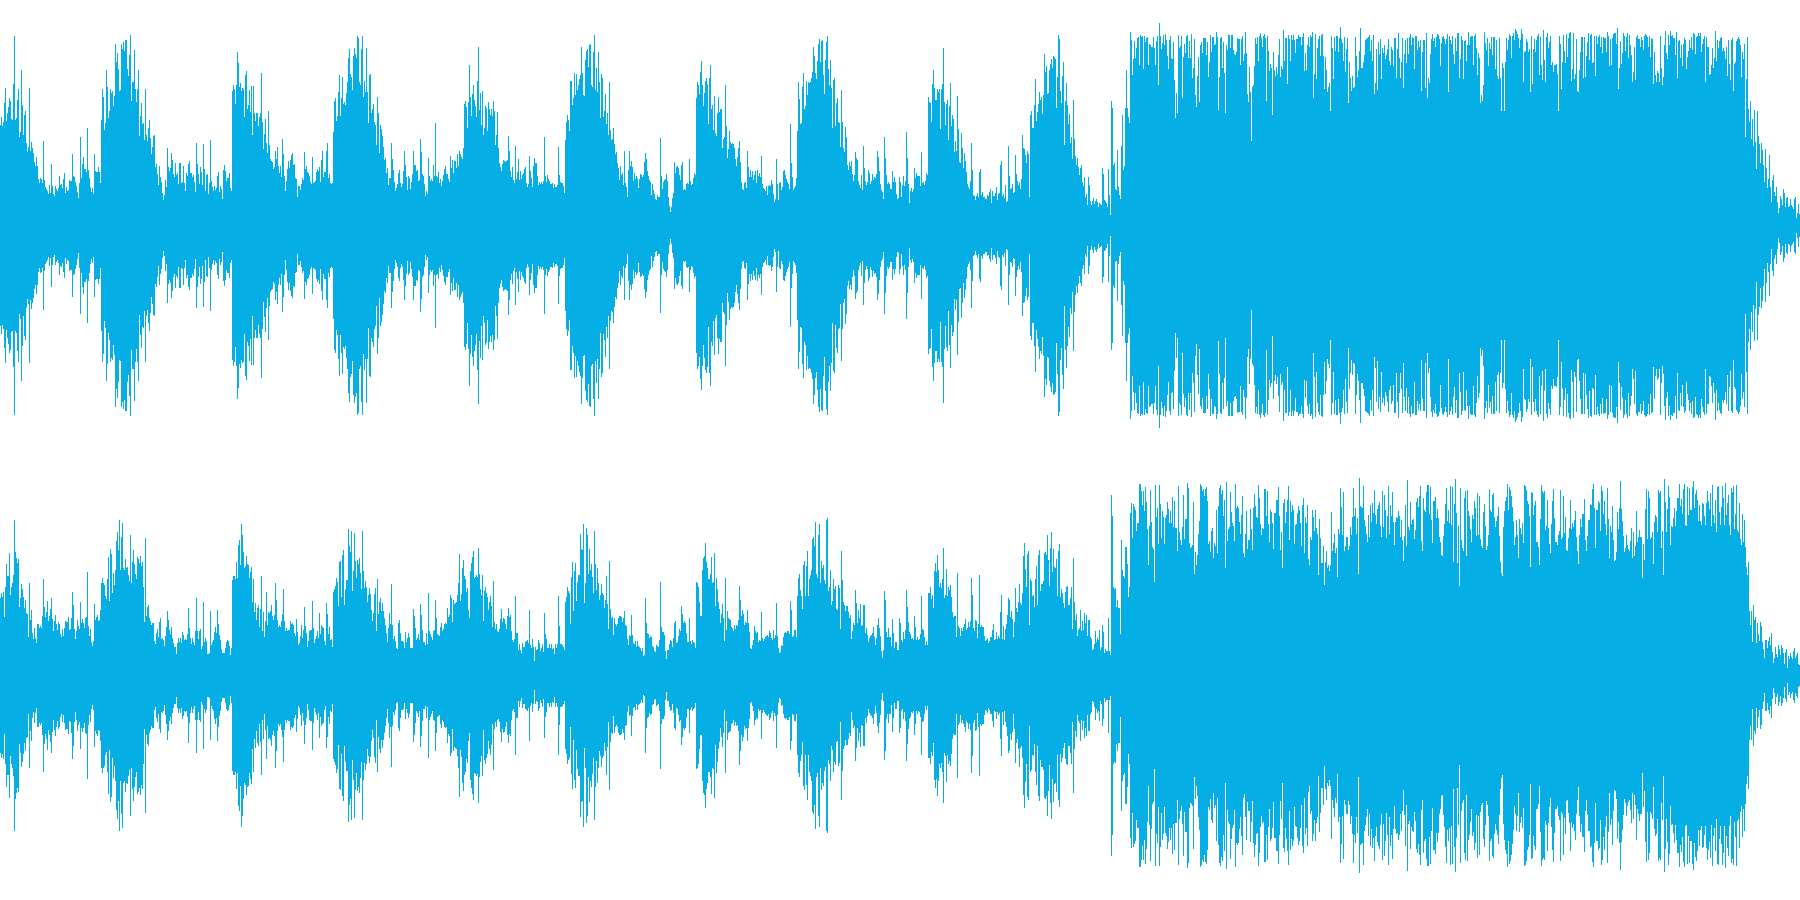 CM用に作成した緊迫感あるインストの再生済みの波形